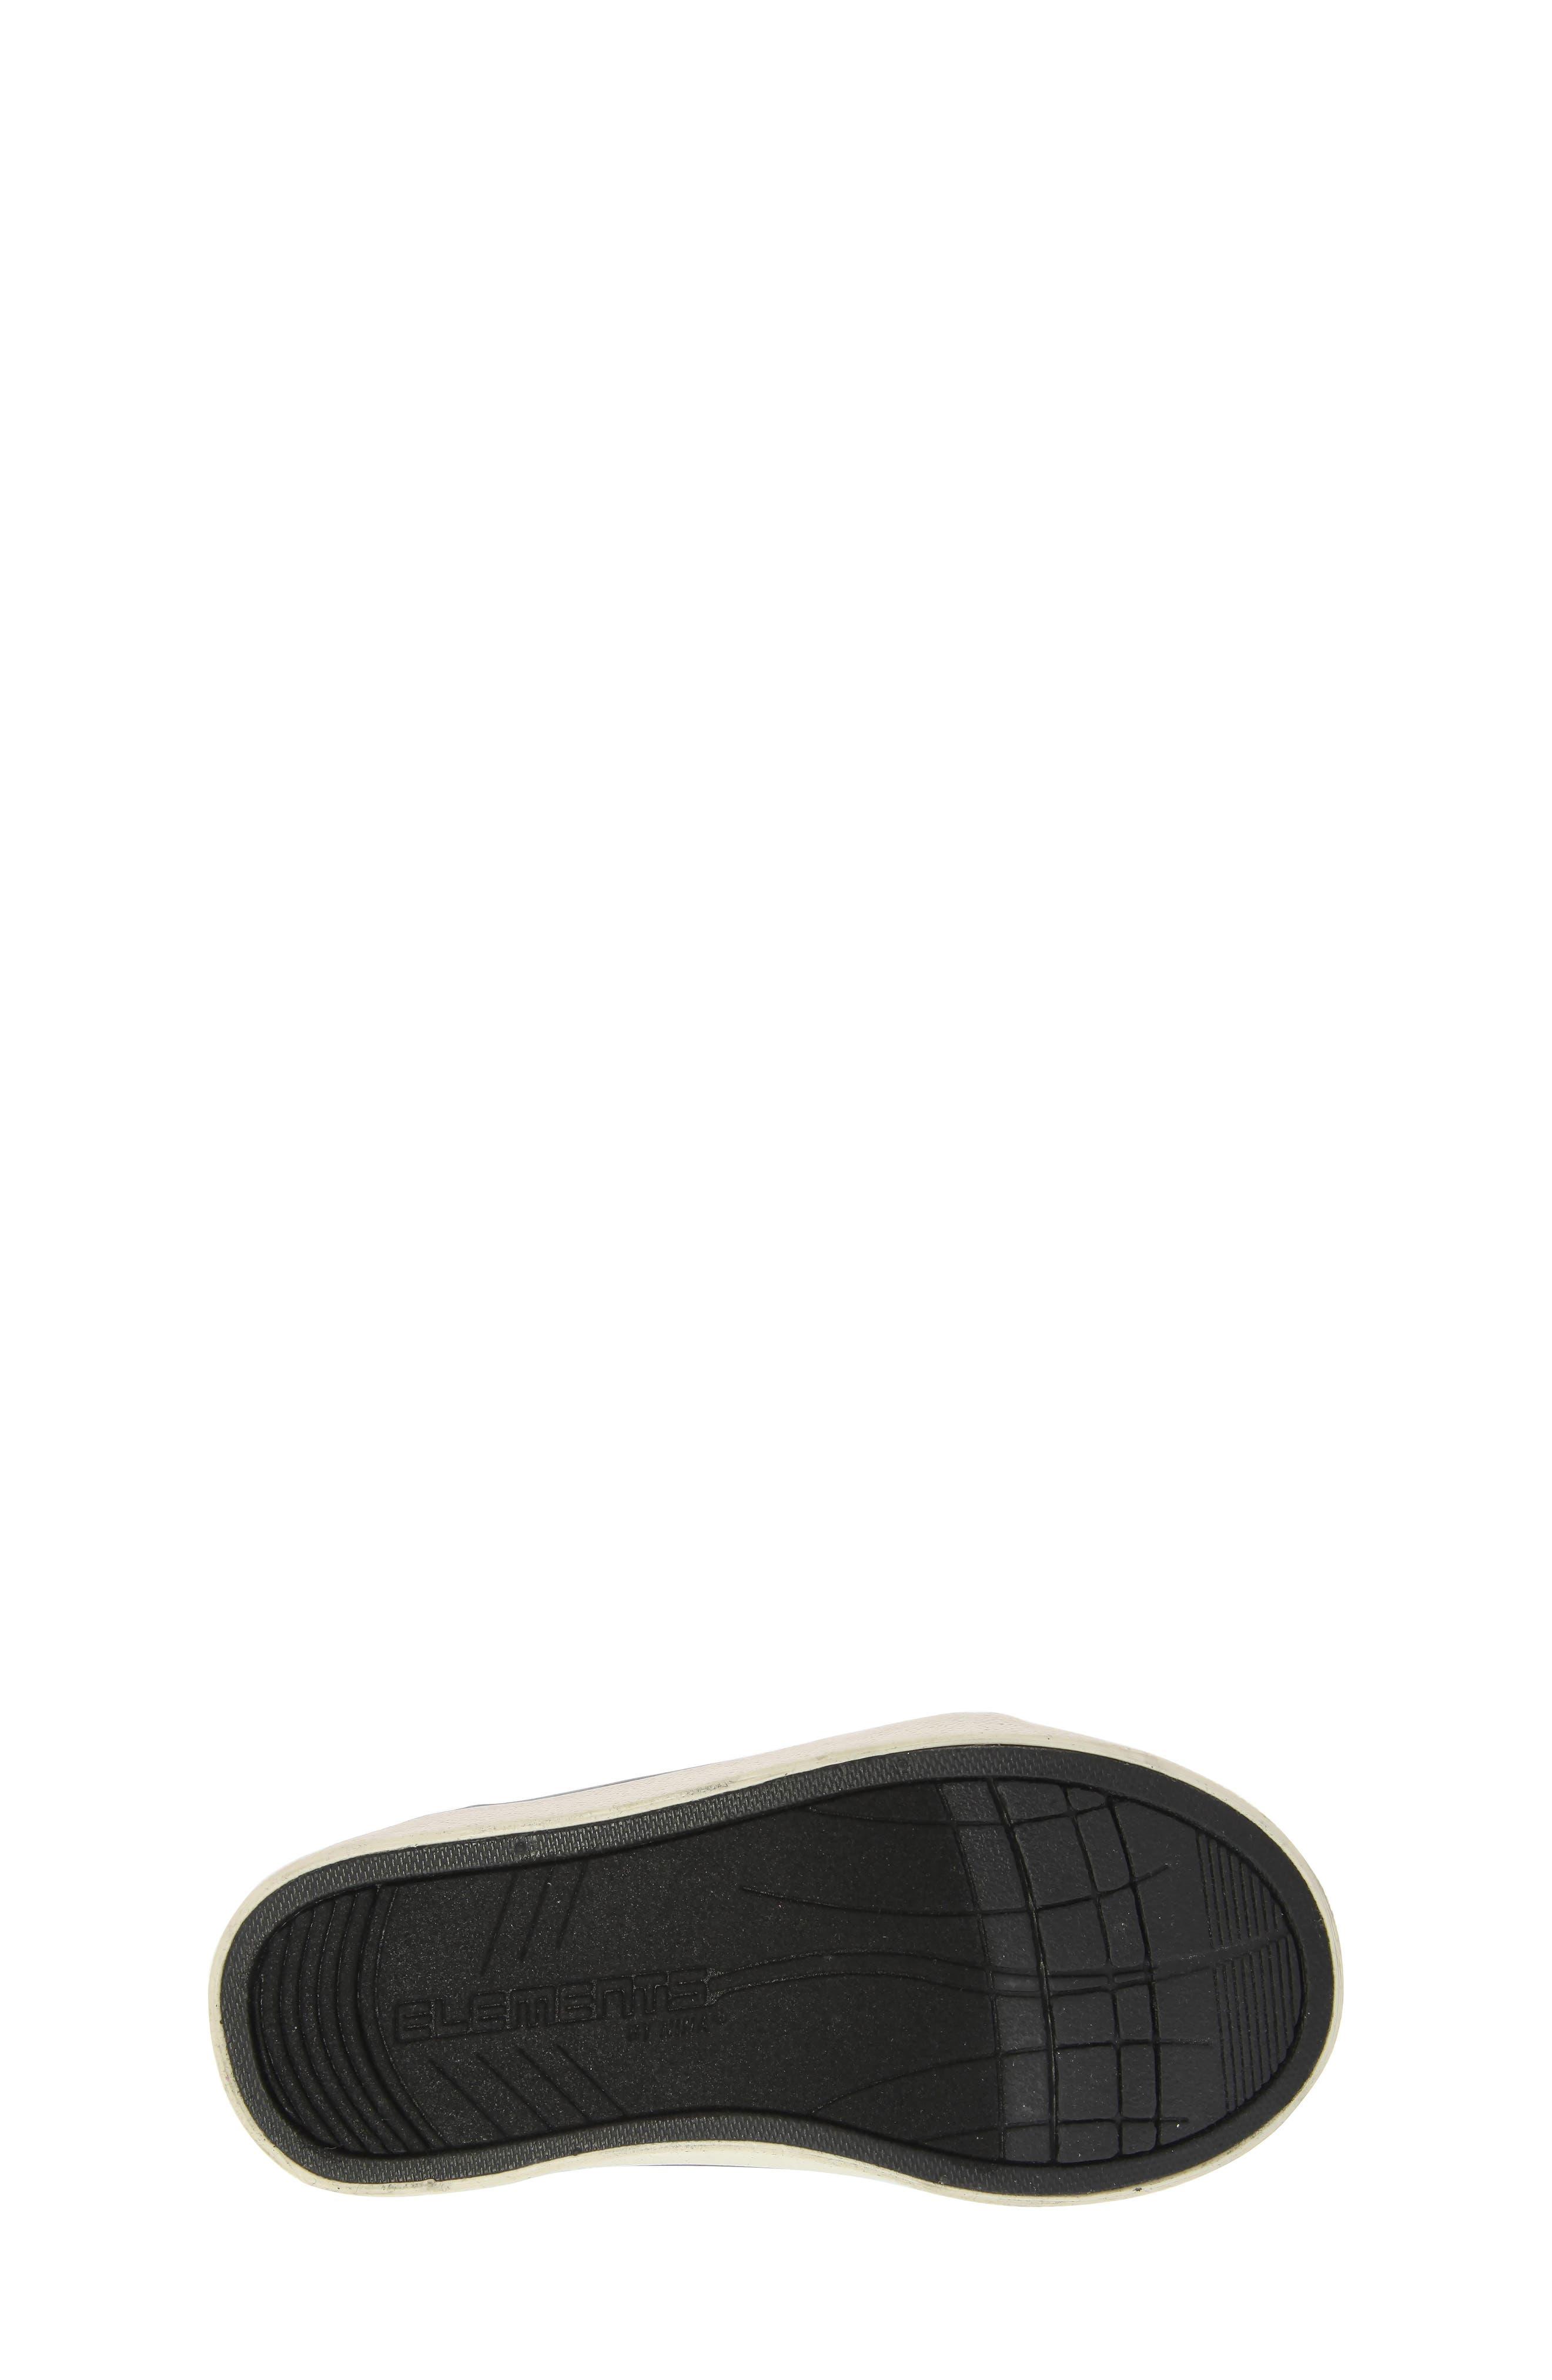 'Brandon' Sneaker,                             Alternate thumbnail 2, color,                             002